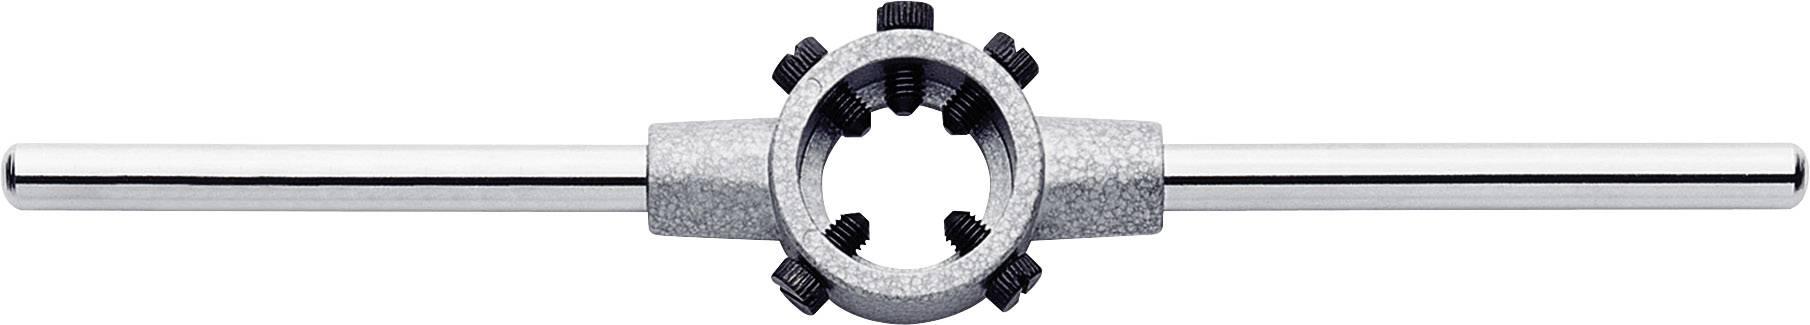 Držák pro řezání vnějších závitů DIN 255 Exact M 5+6